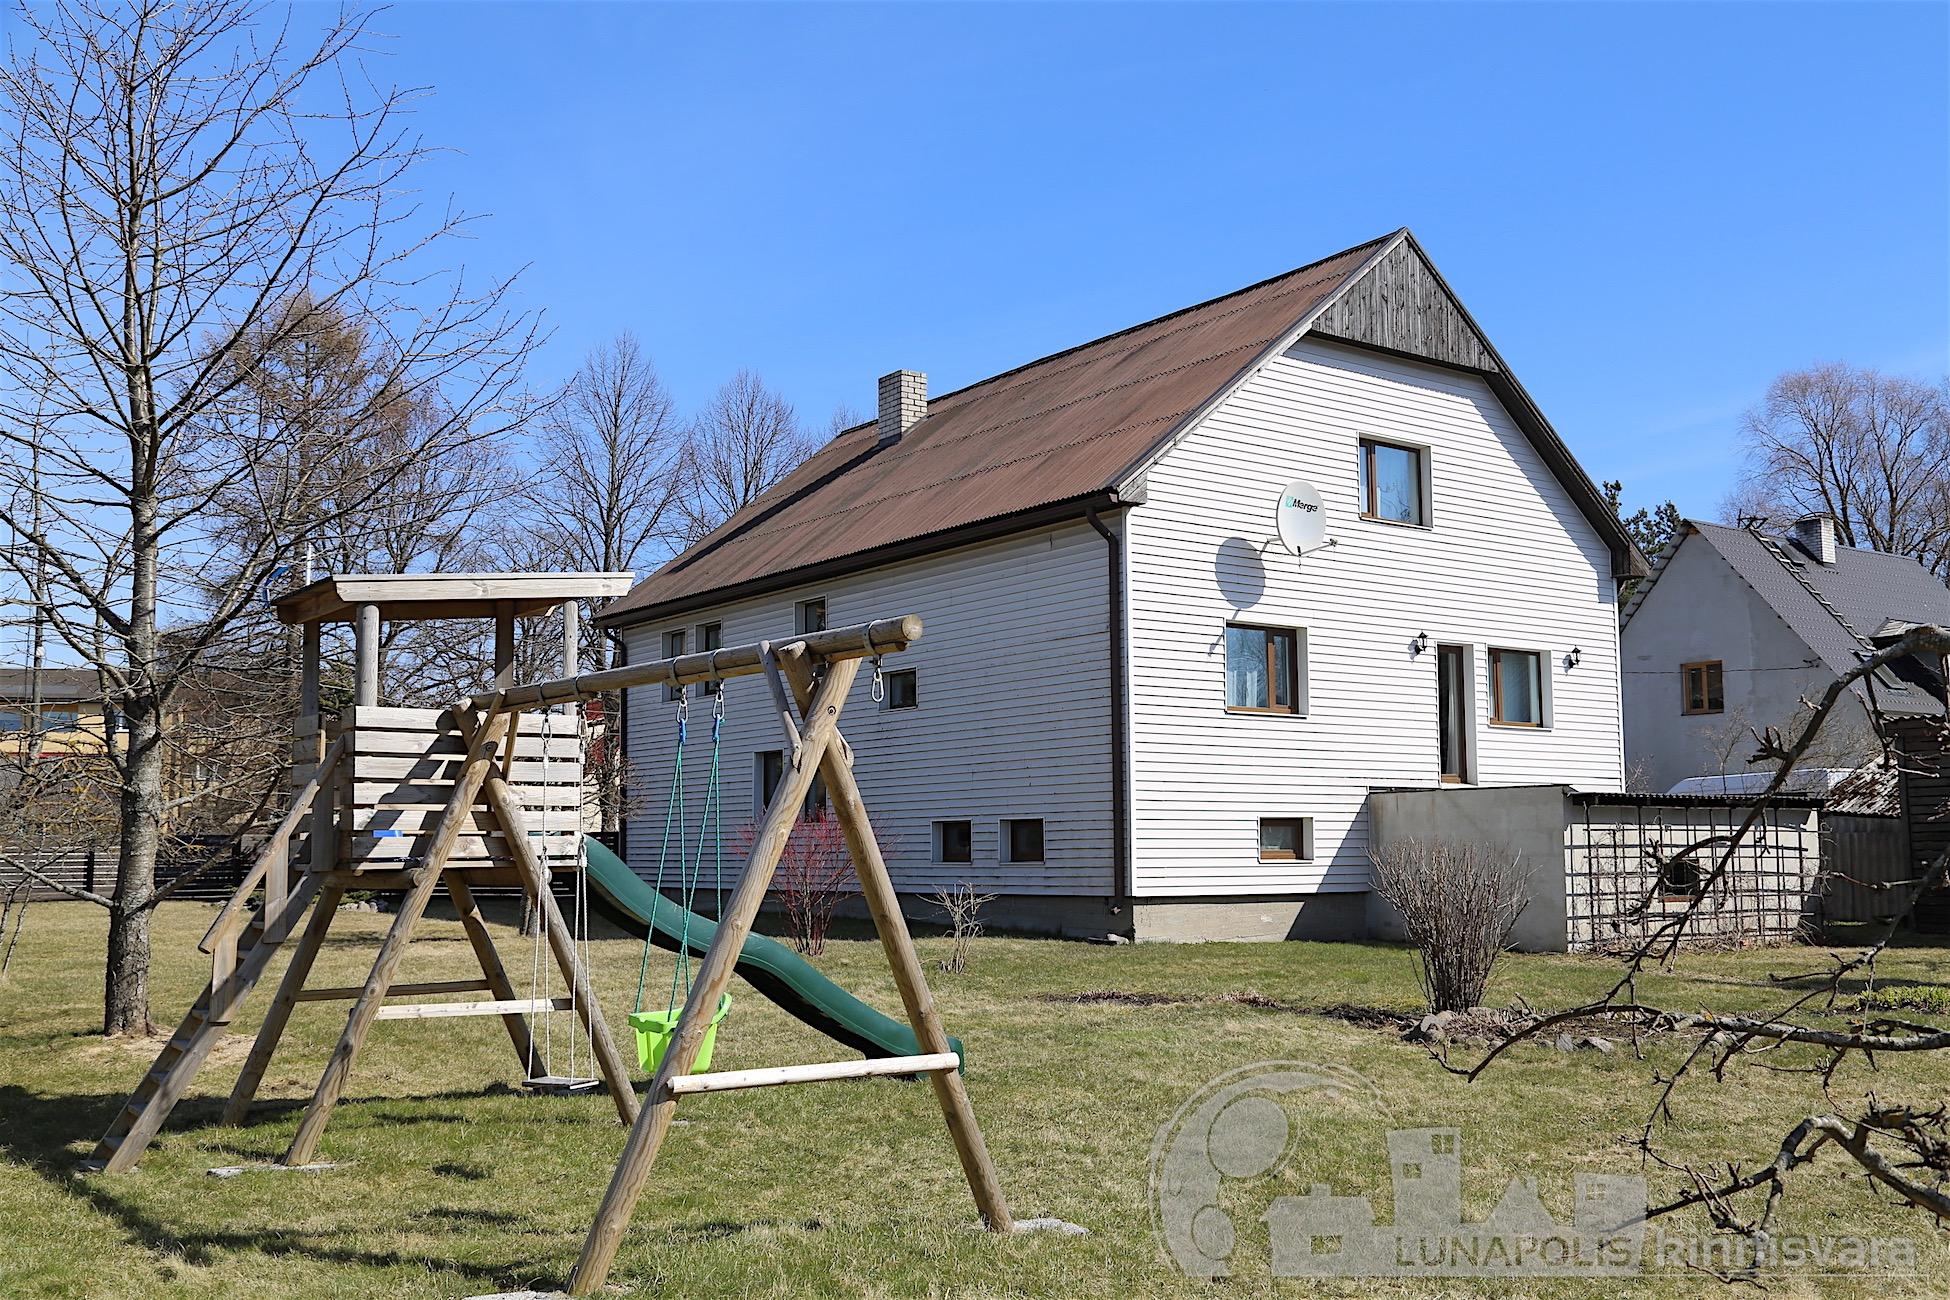 71b01c859ac Maja müük Pärnus, ülejõel, Lunapolis kinnisvara1I0A1902_Watermarked_1